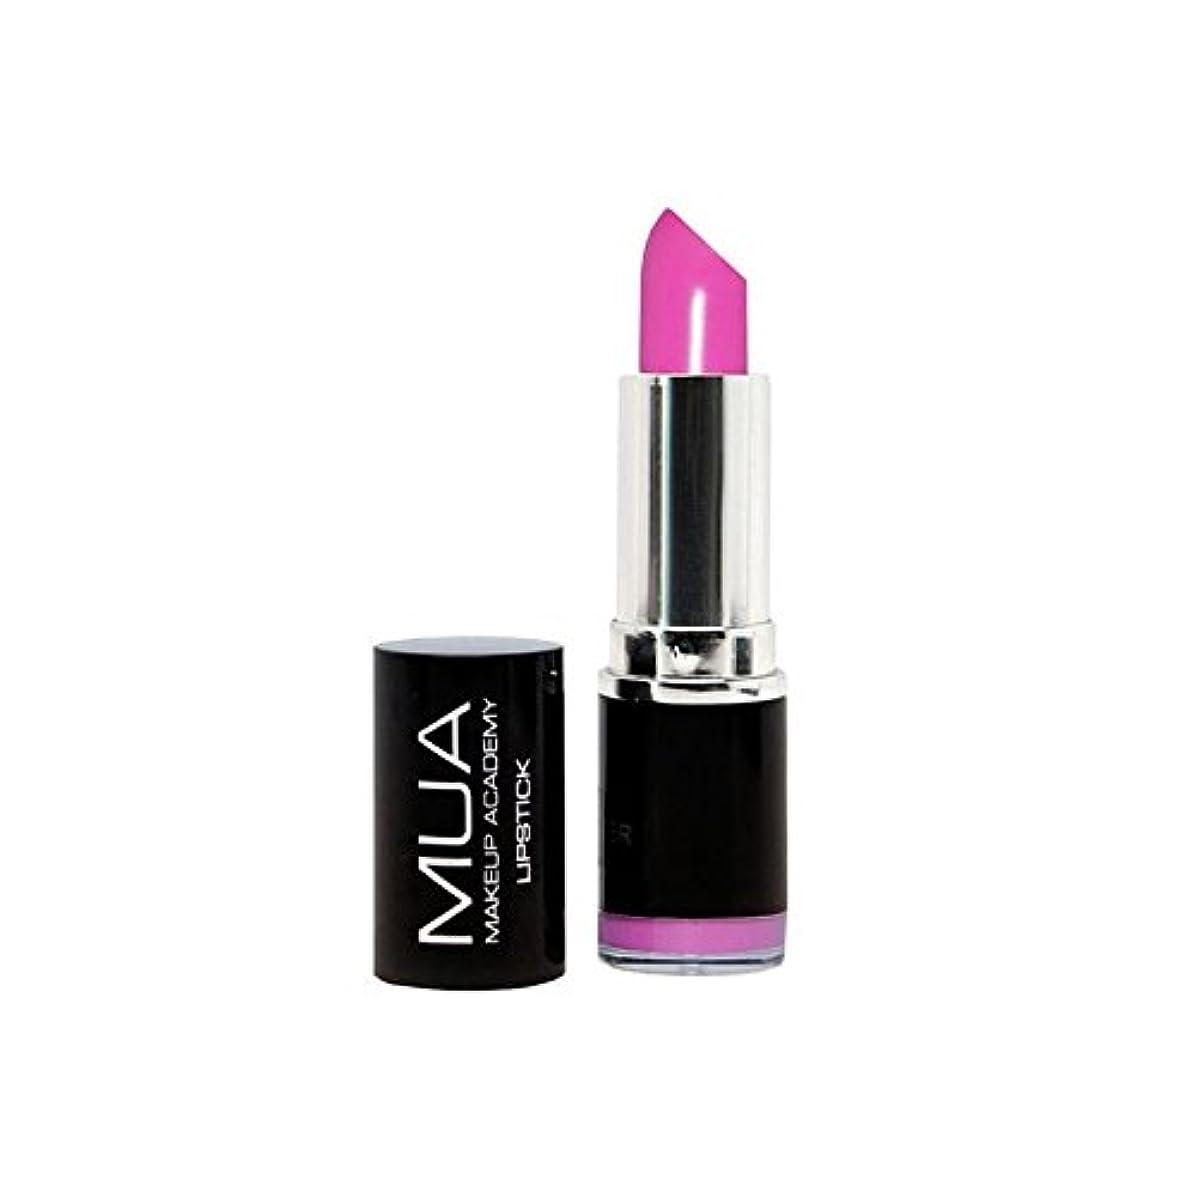 第九すべて前にMUA Lipstick - Persian Rose (Pack of 6) - の口紅 - ペルシャローズ x6 [並行輸入品]